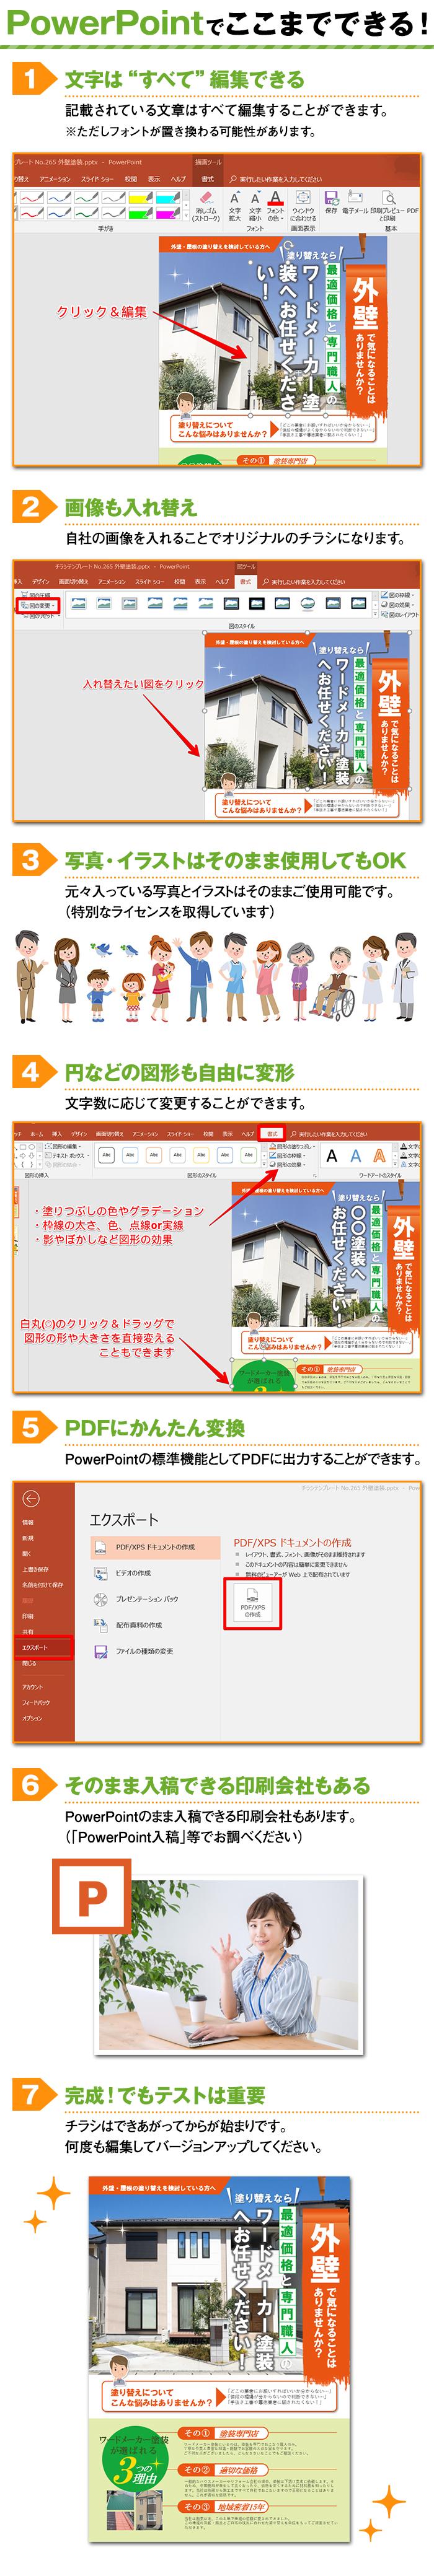 PowerPointでここまでできる!